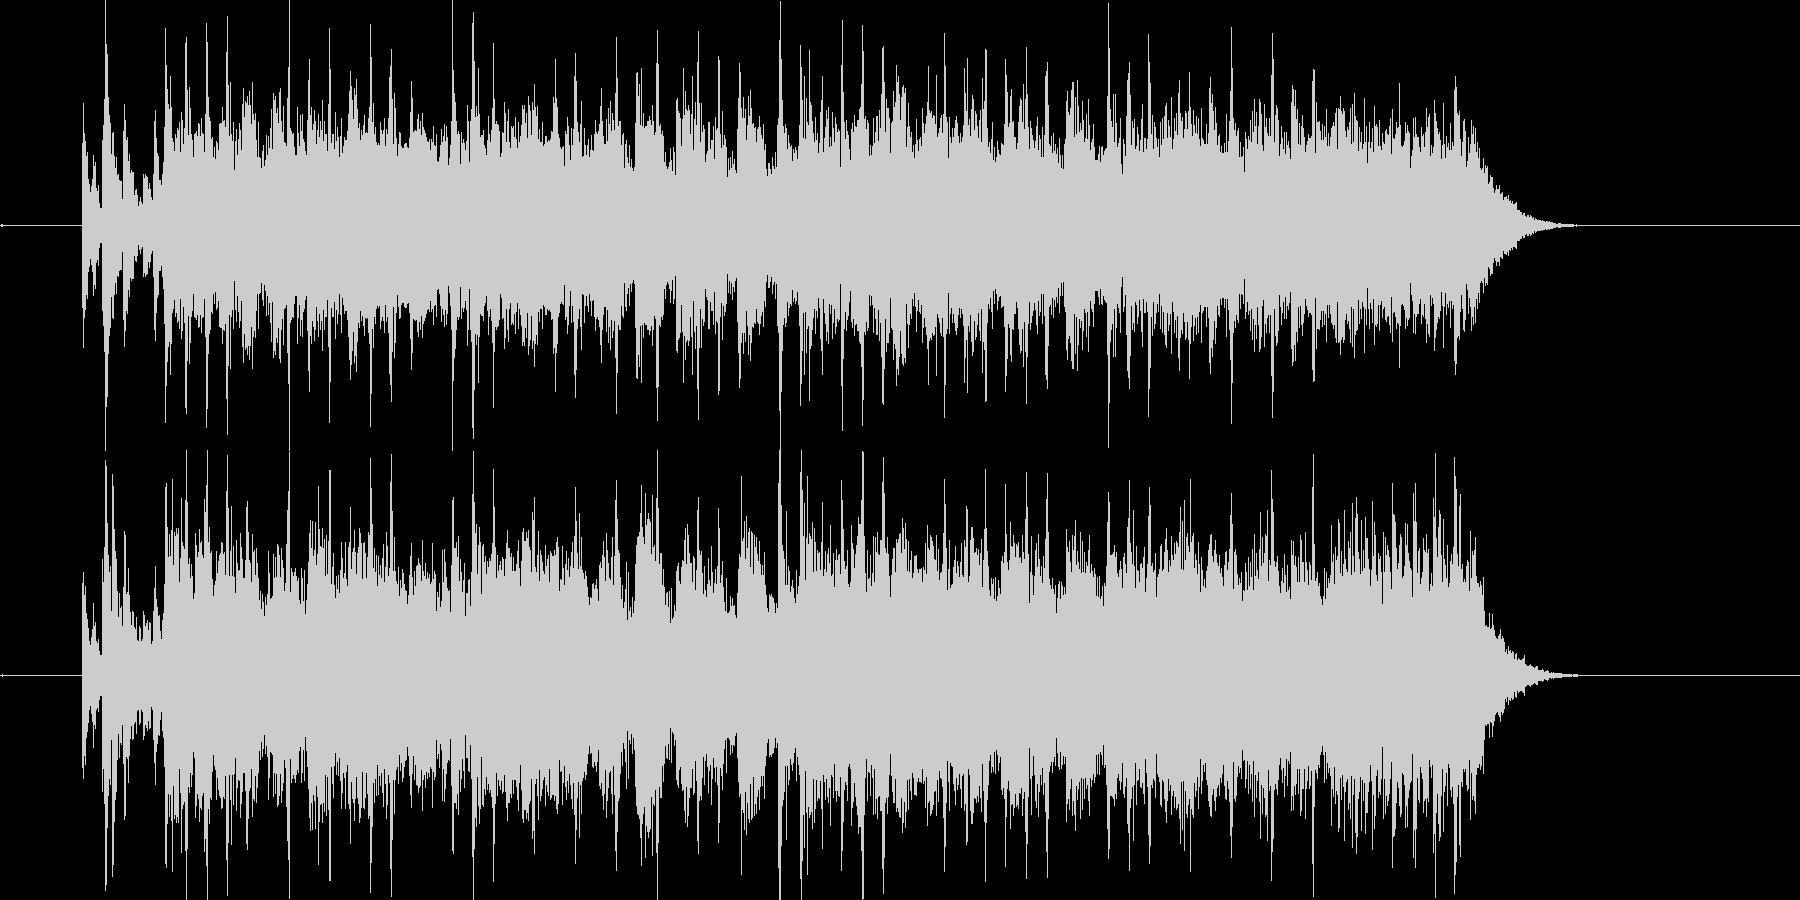 シューティングゲームな曲の未再生の波形